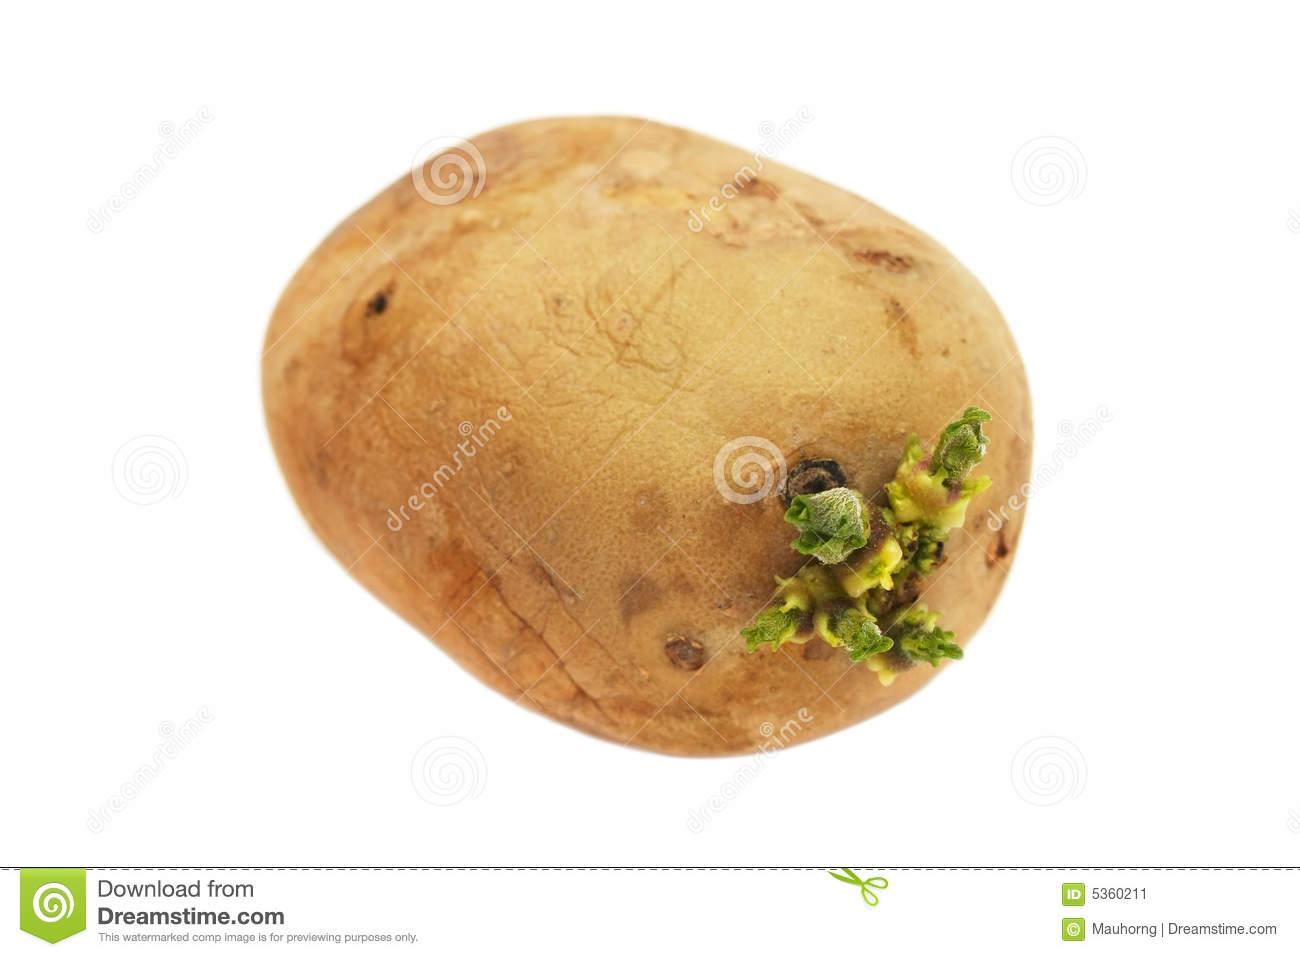 Keimende Kartoffel Essbar